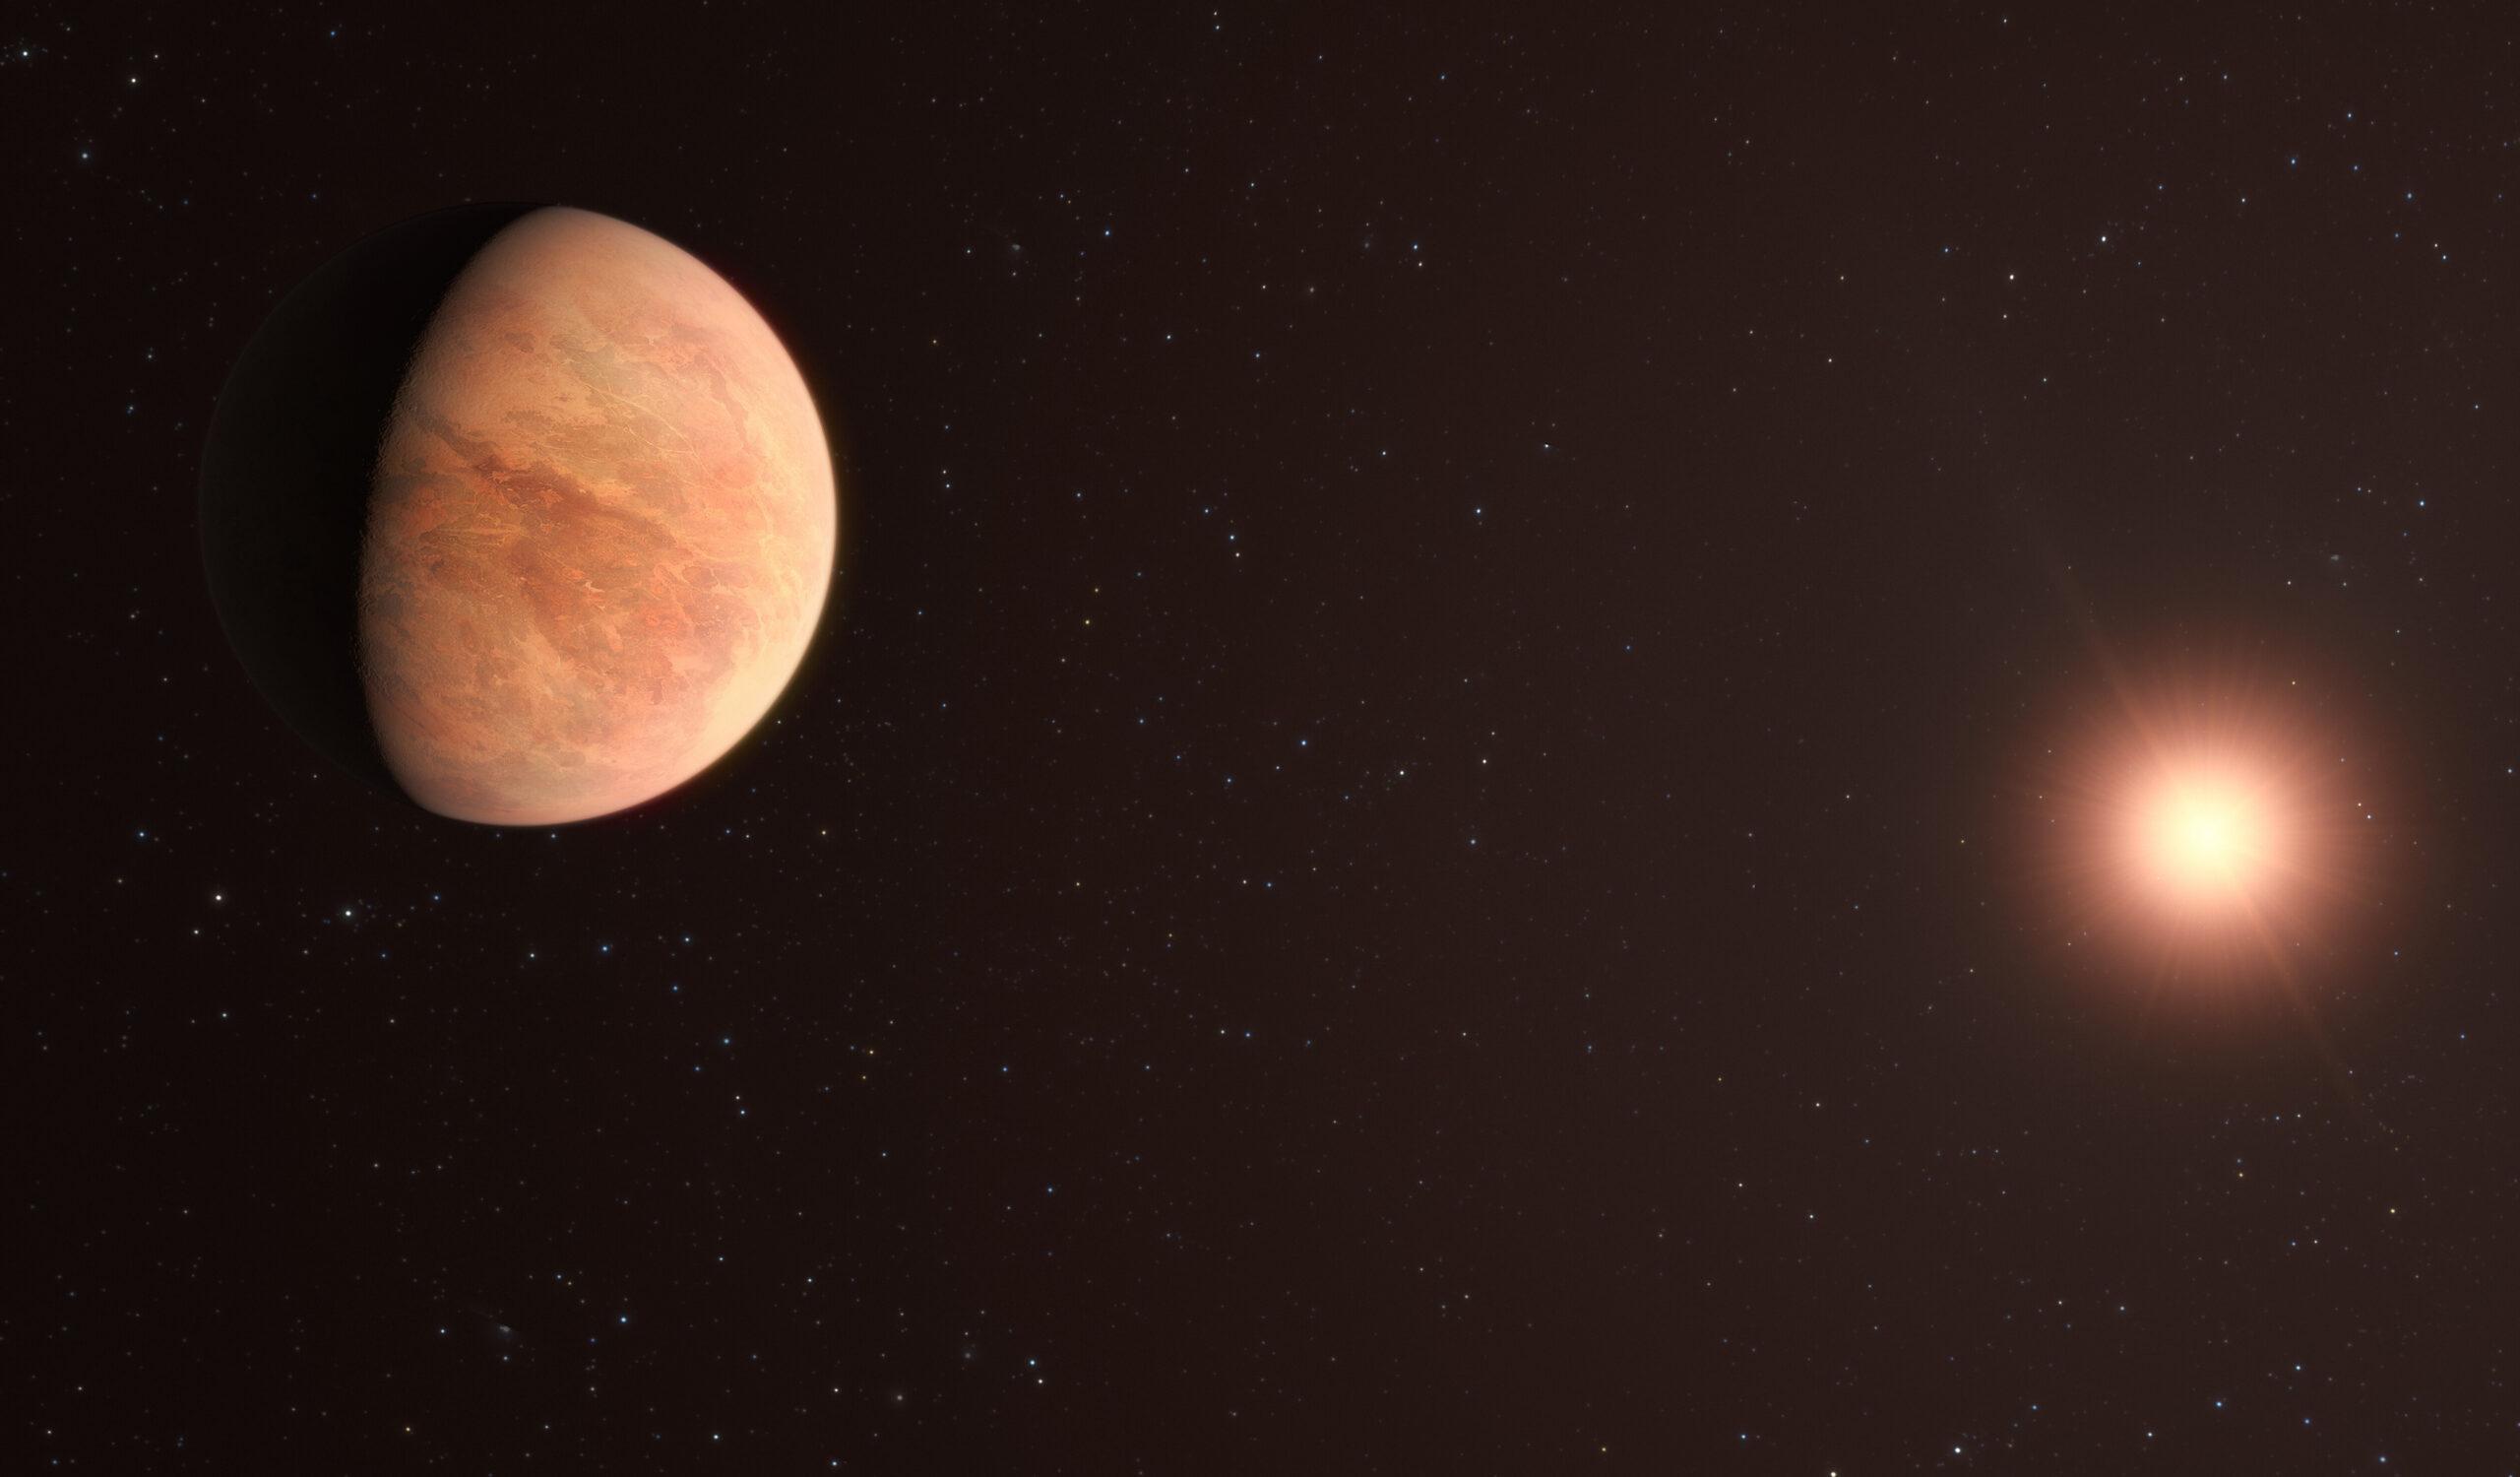 Descoberto exoplaneta rochoso com apenas metade da massa de Vénus